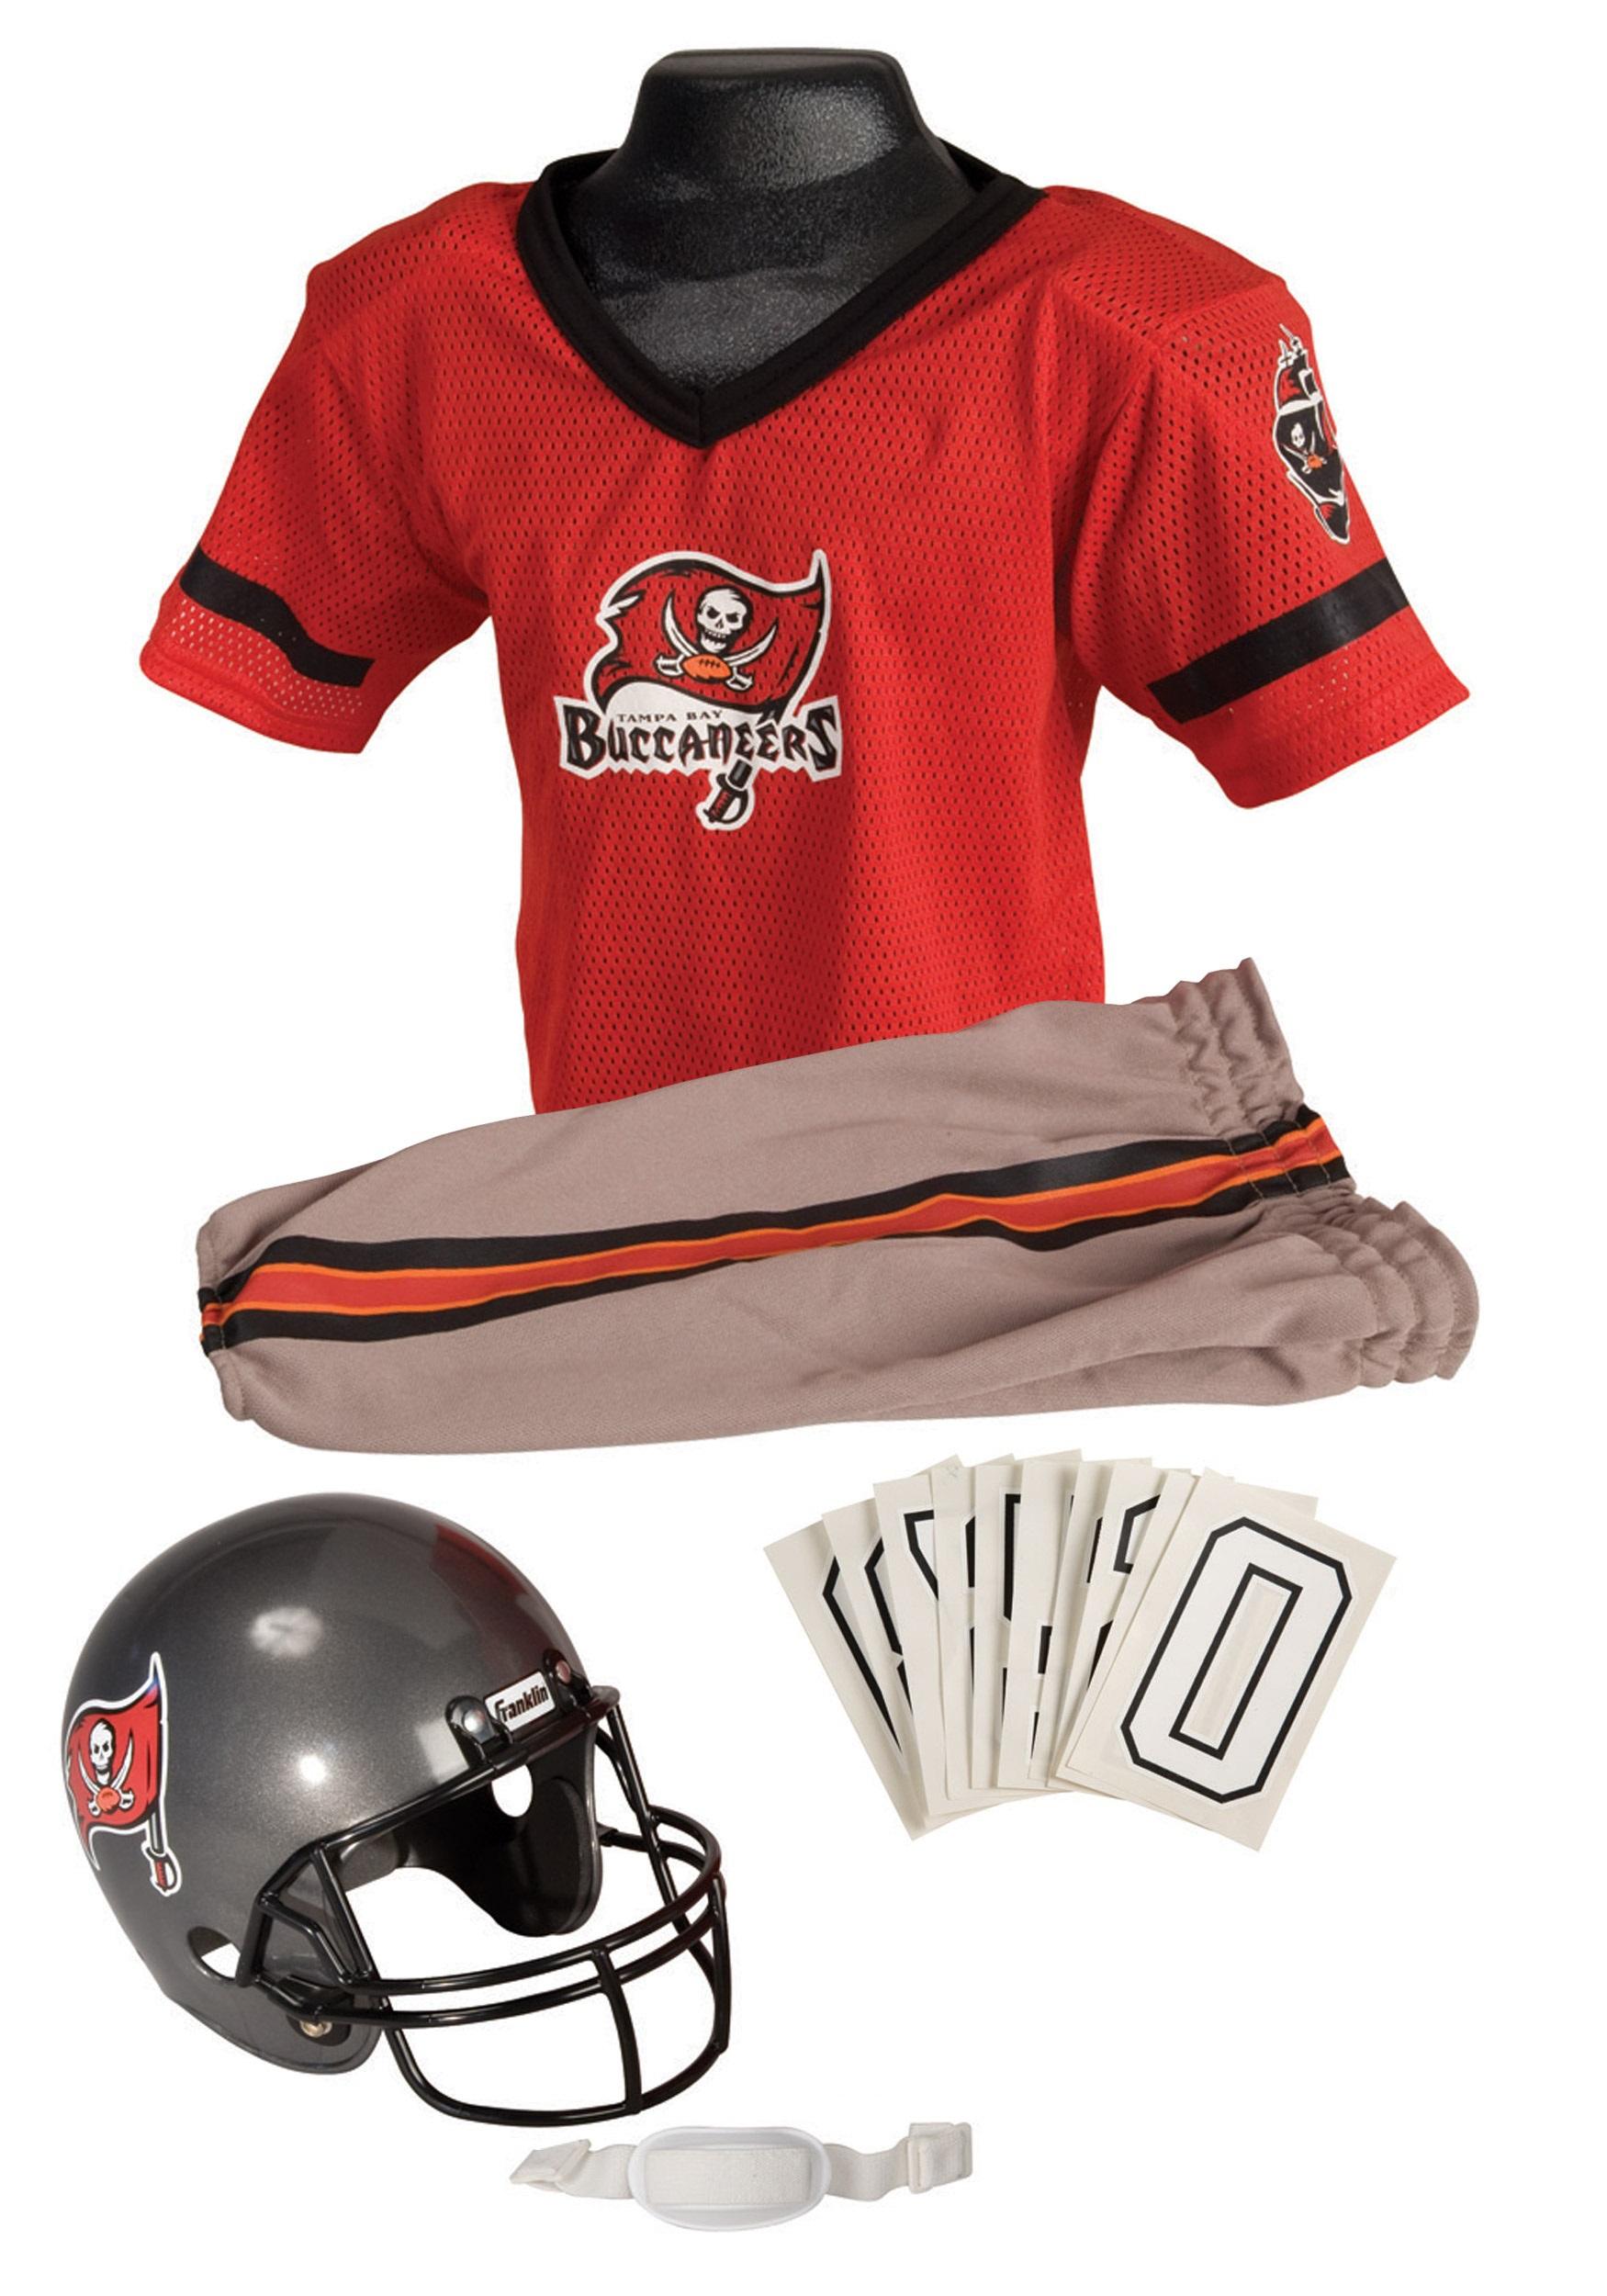 bbbe803cf Kids NFL Buccaneers Uniform Costume